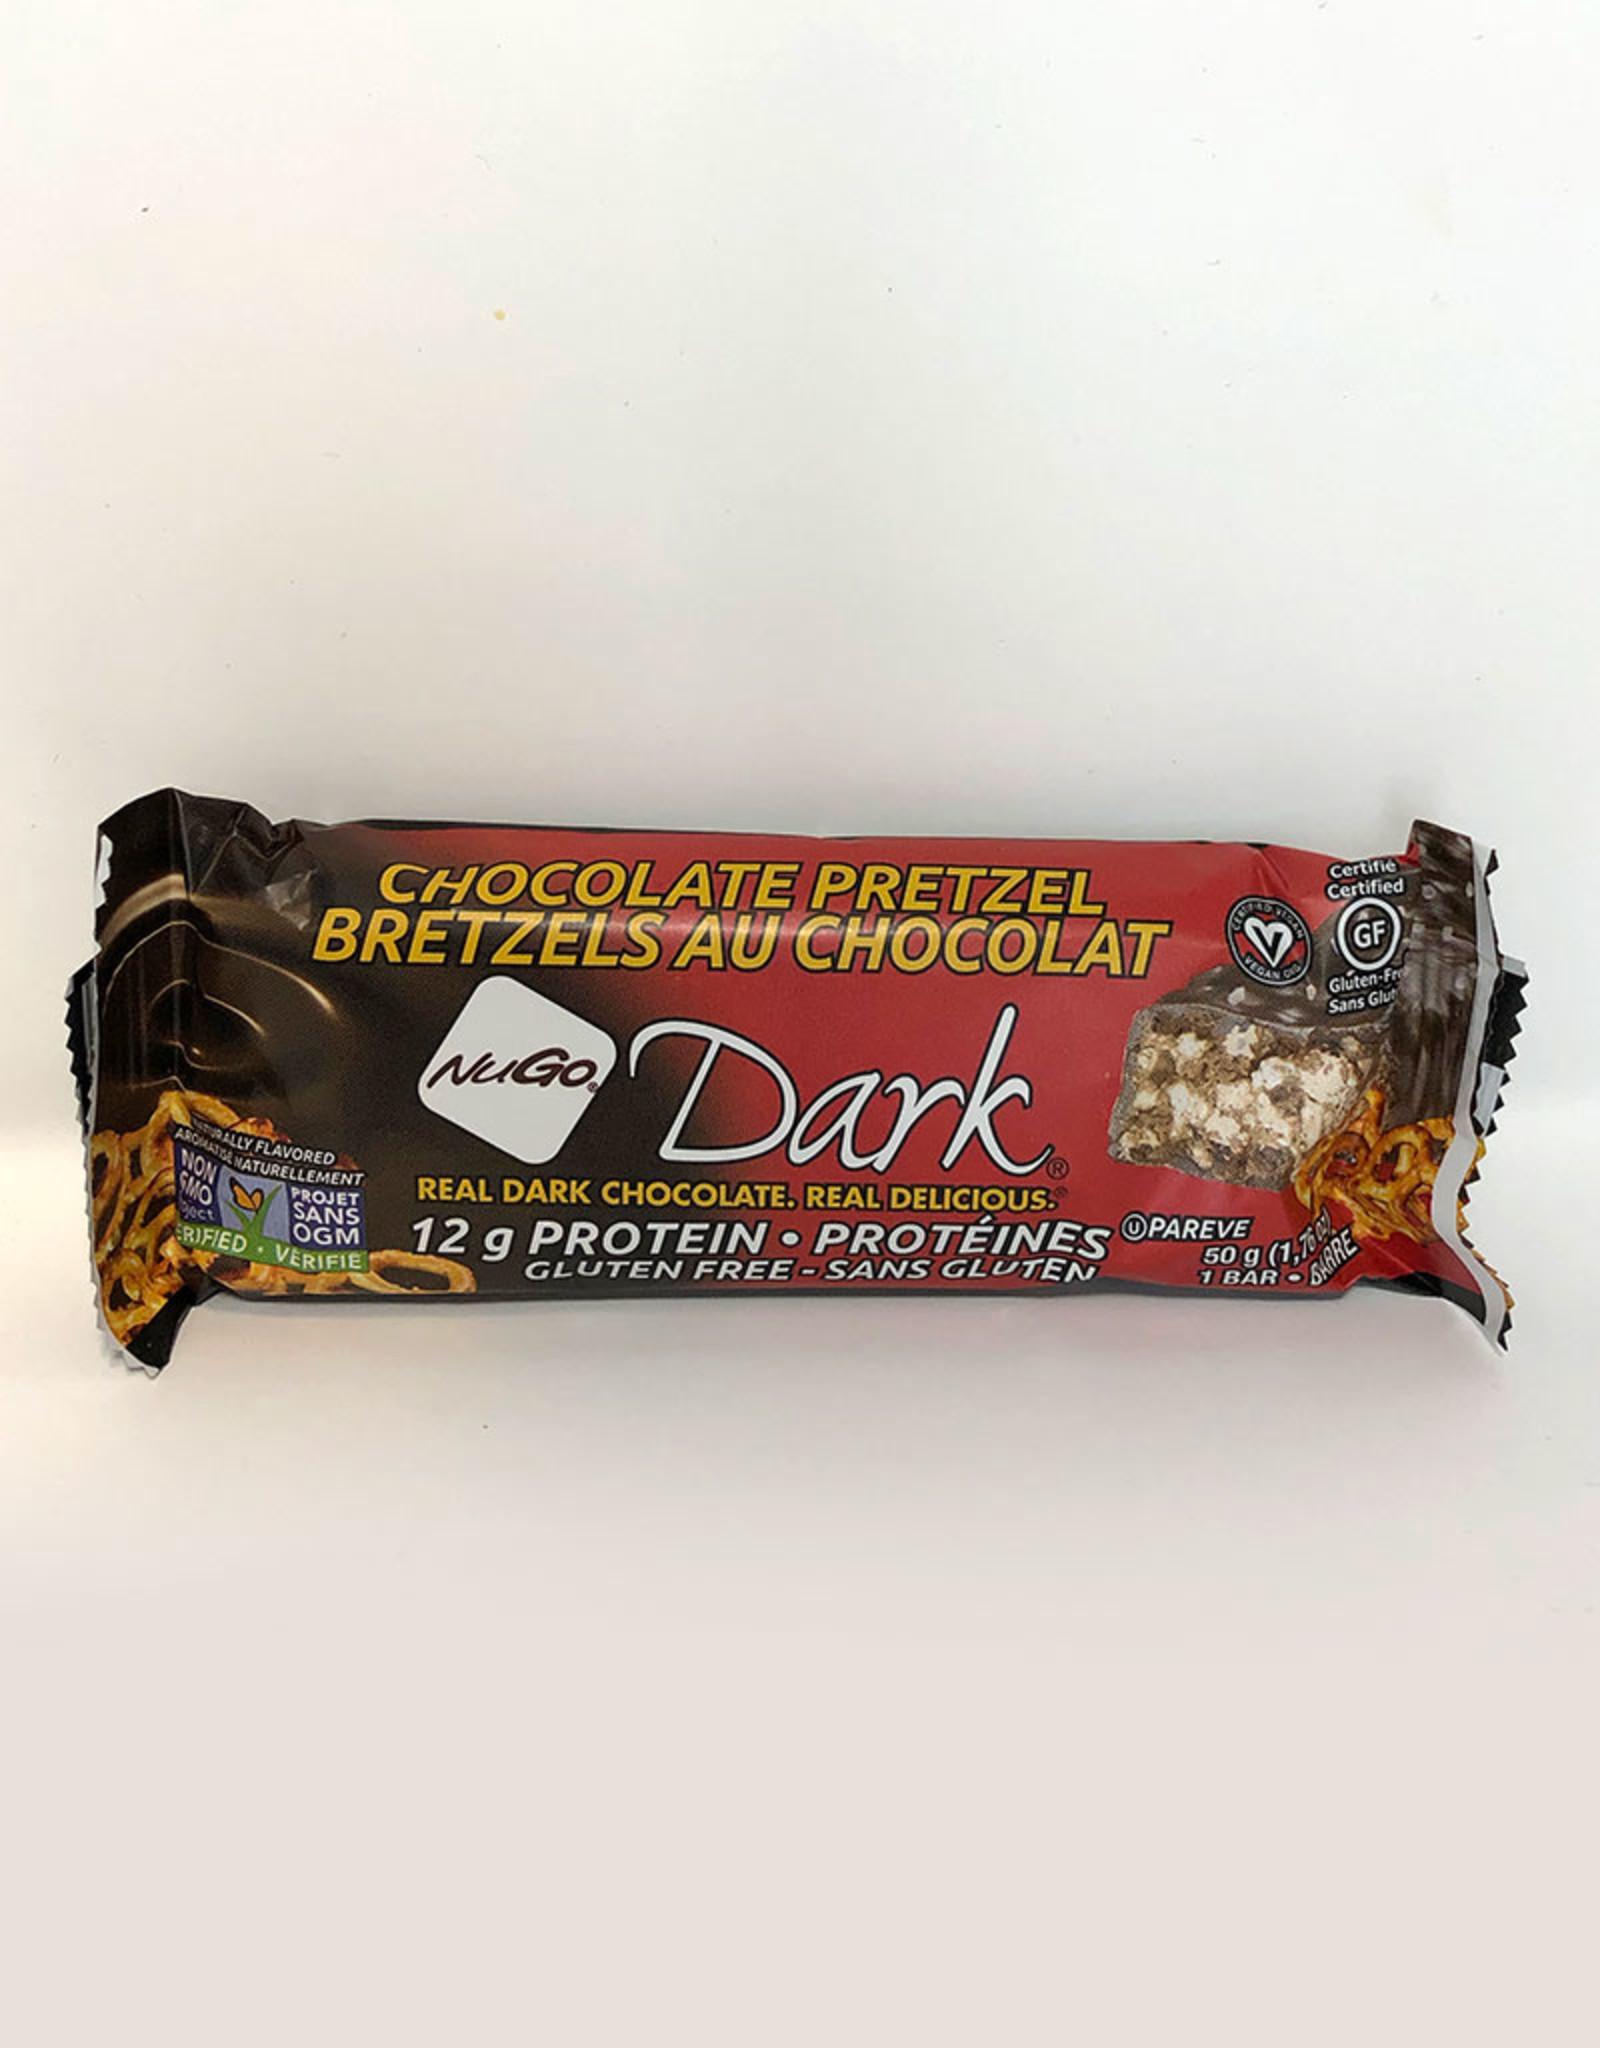 Nugo Nutrition NuGo - Dark, Chocolate Pretzel